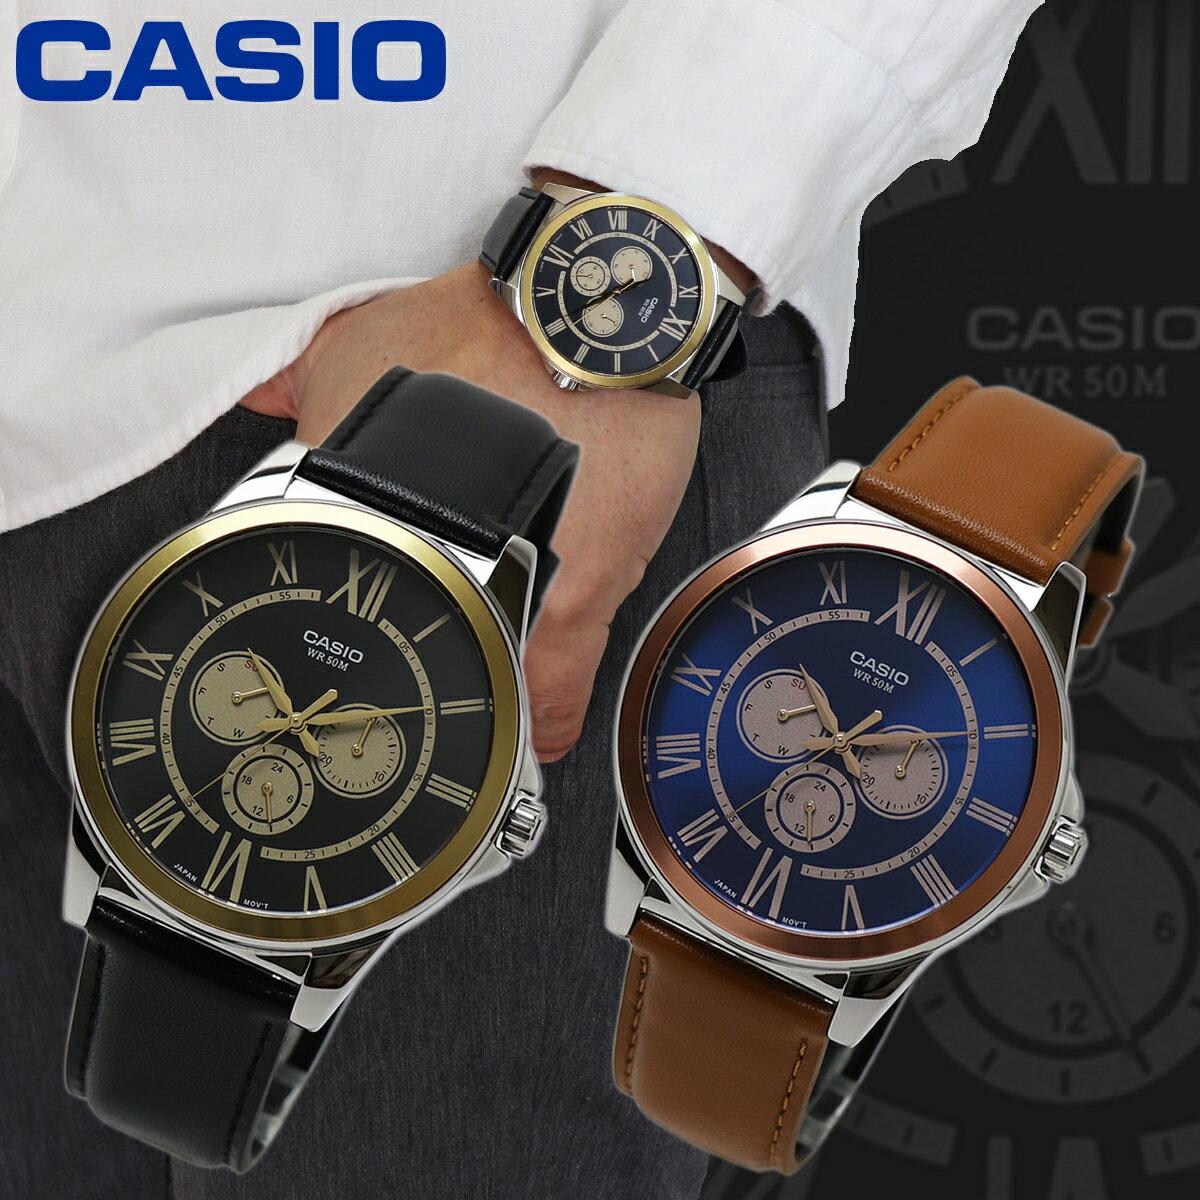 【シンプルで使い易いメンズモデル】CASIO カシオ マルチカレンダー MTP-E318L アナログ 曜日 日付 カレンダー表示 24時間表示 サブダイヤル ブラック(黒色) ネイビー(紺色) 本革 レザーベルト ビジネスウォッチ 防水 薄型 軽量 男性用腕時計【あす楽】【即納】